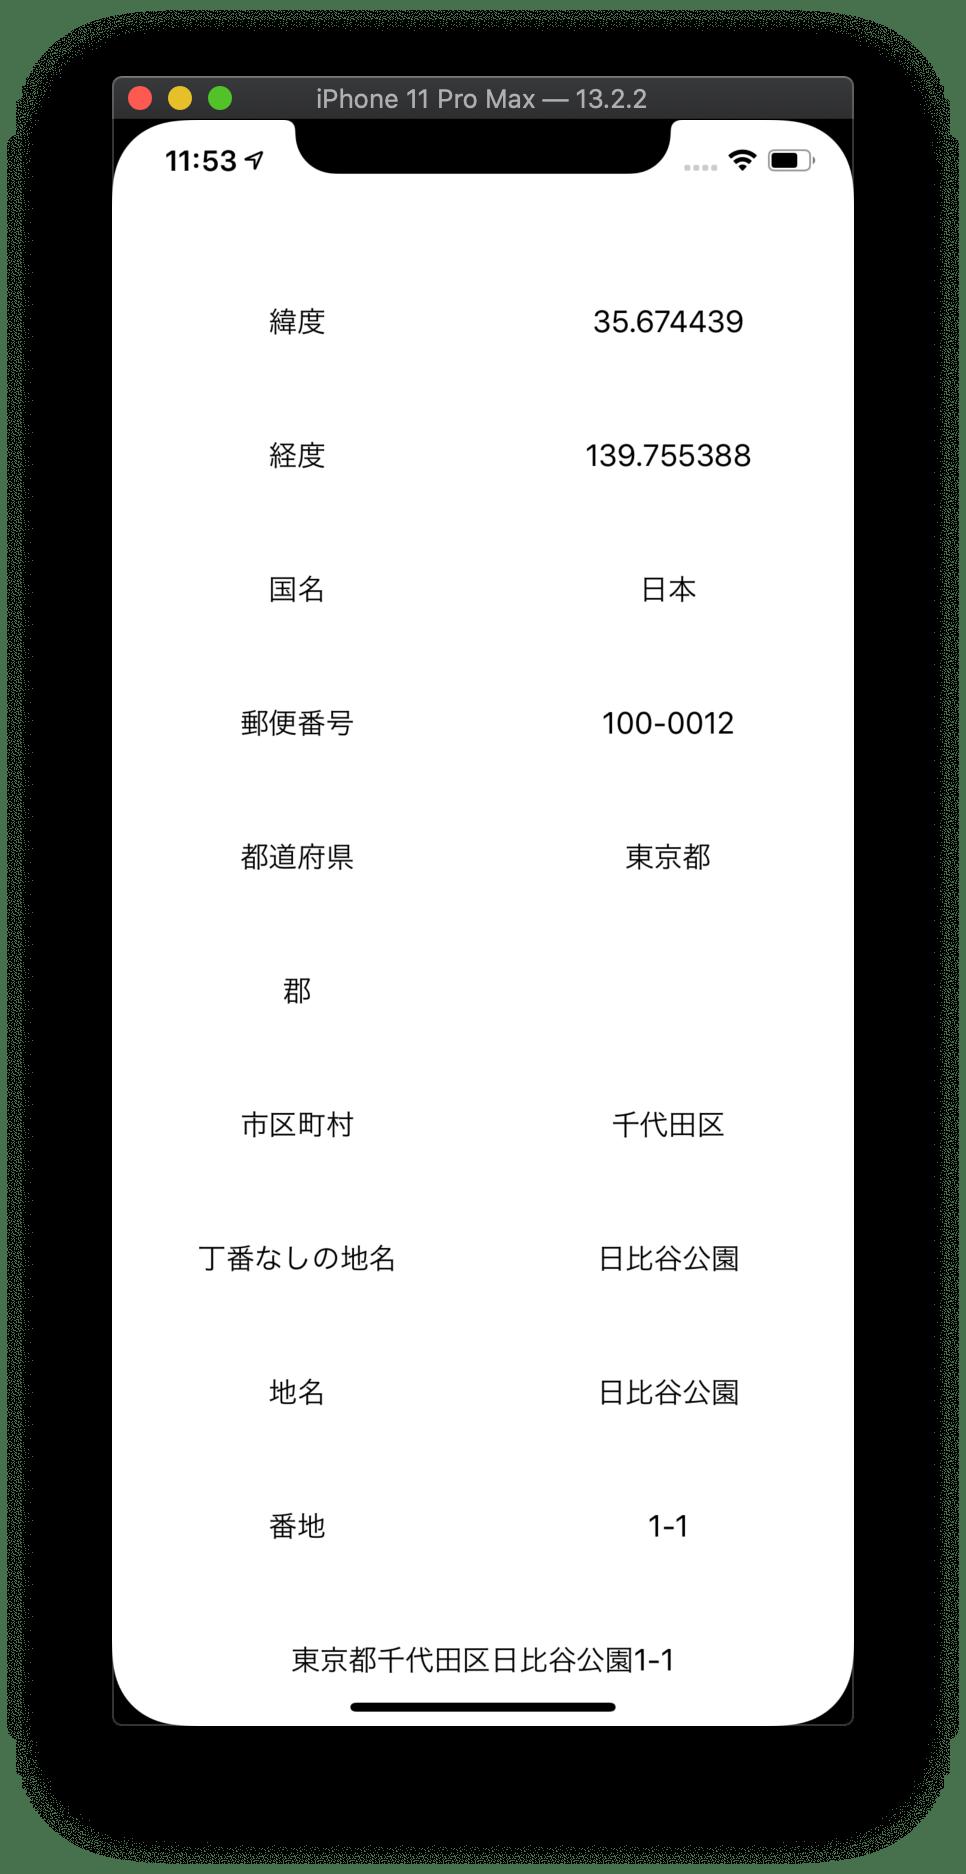 スクリーンショット 2019-11-26 23.53.09.png